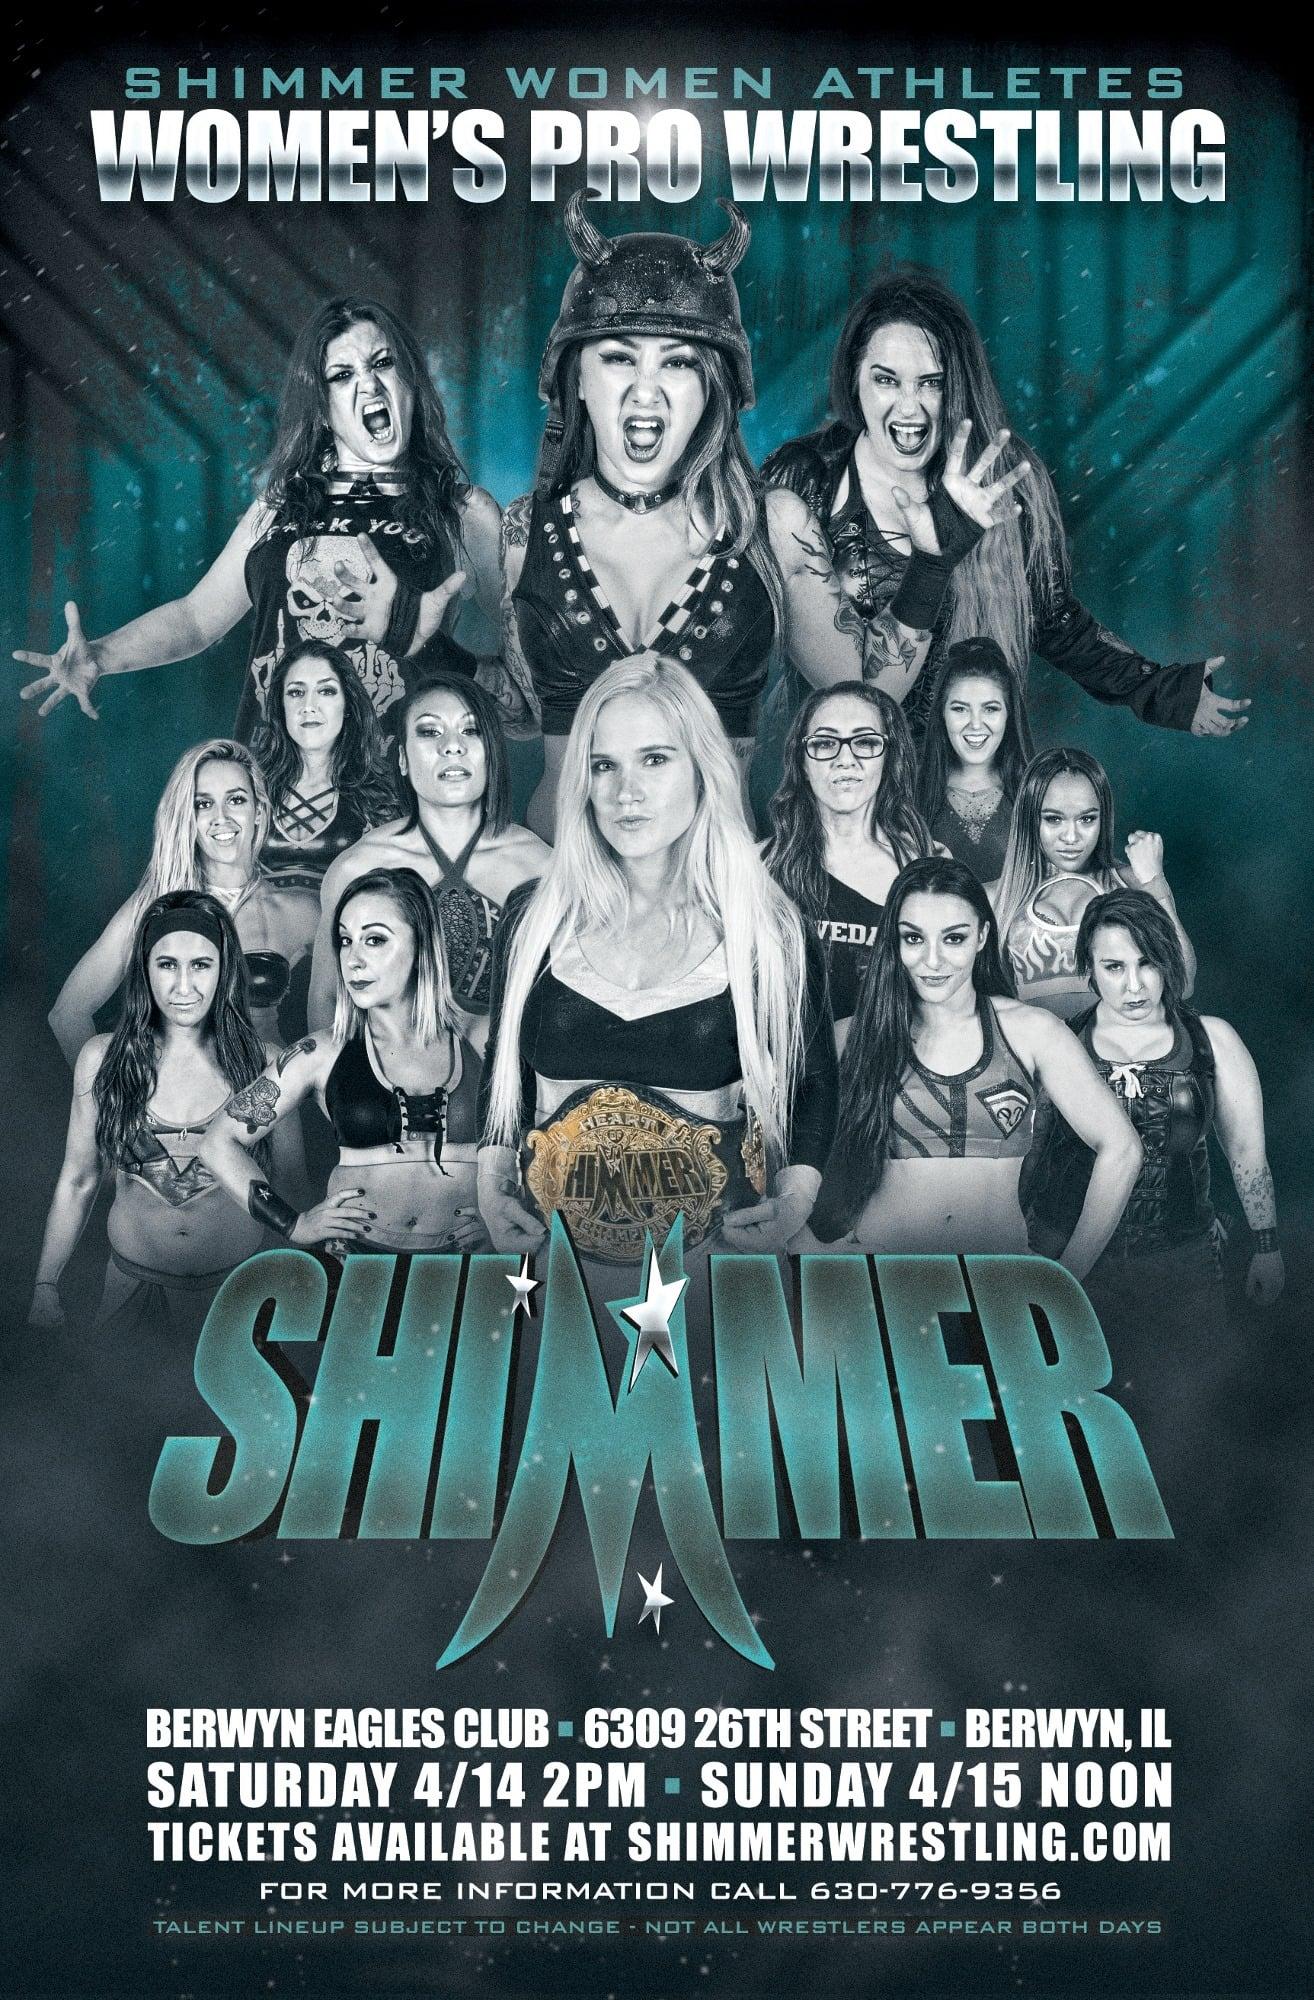 SHIMMER Women Athletes Volume 104